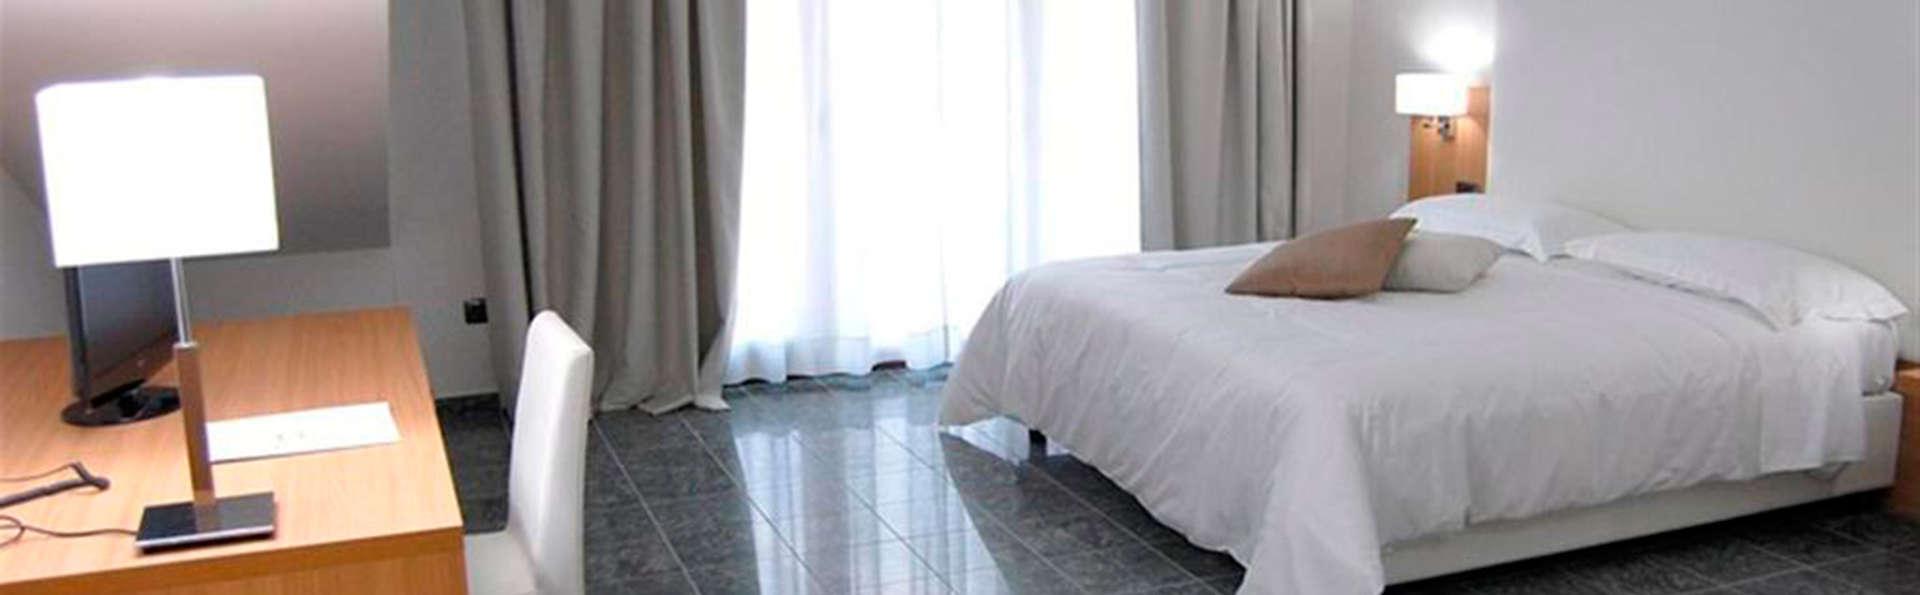 Hôtel 4 étoiles dans les paysages verdoyants de Campanie